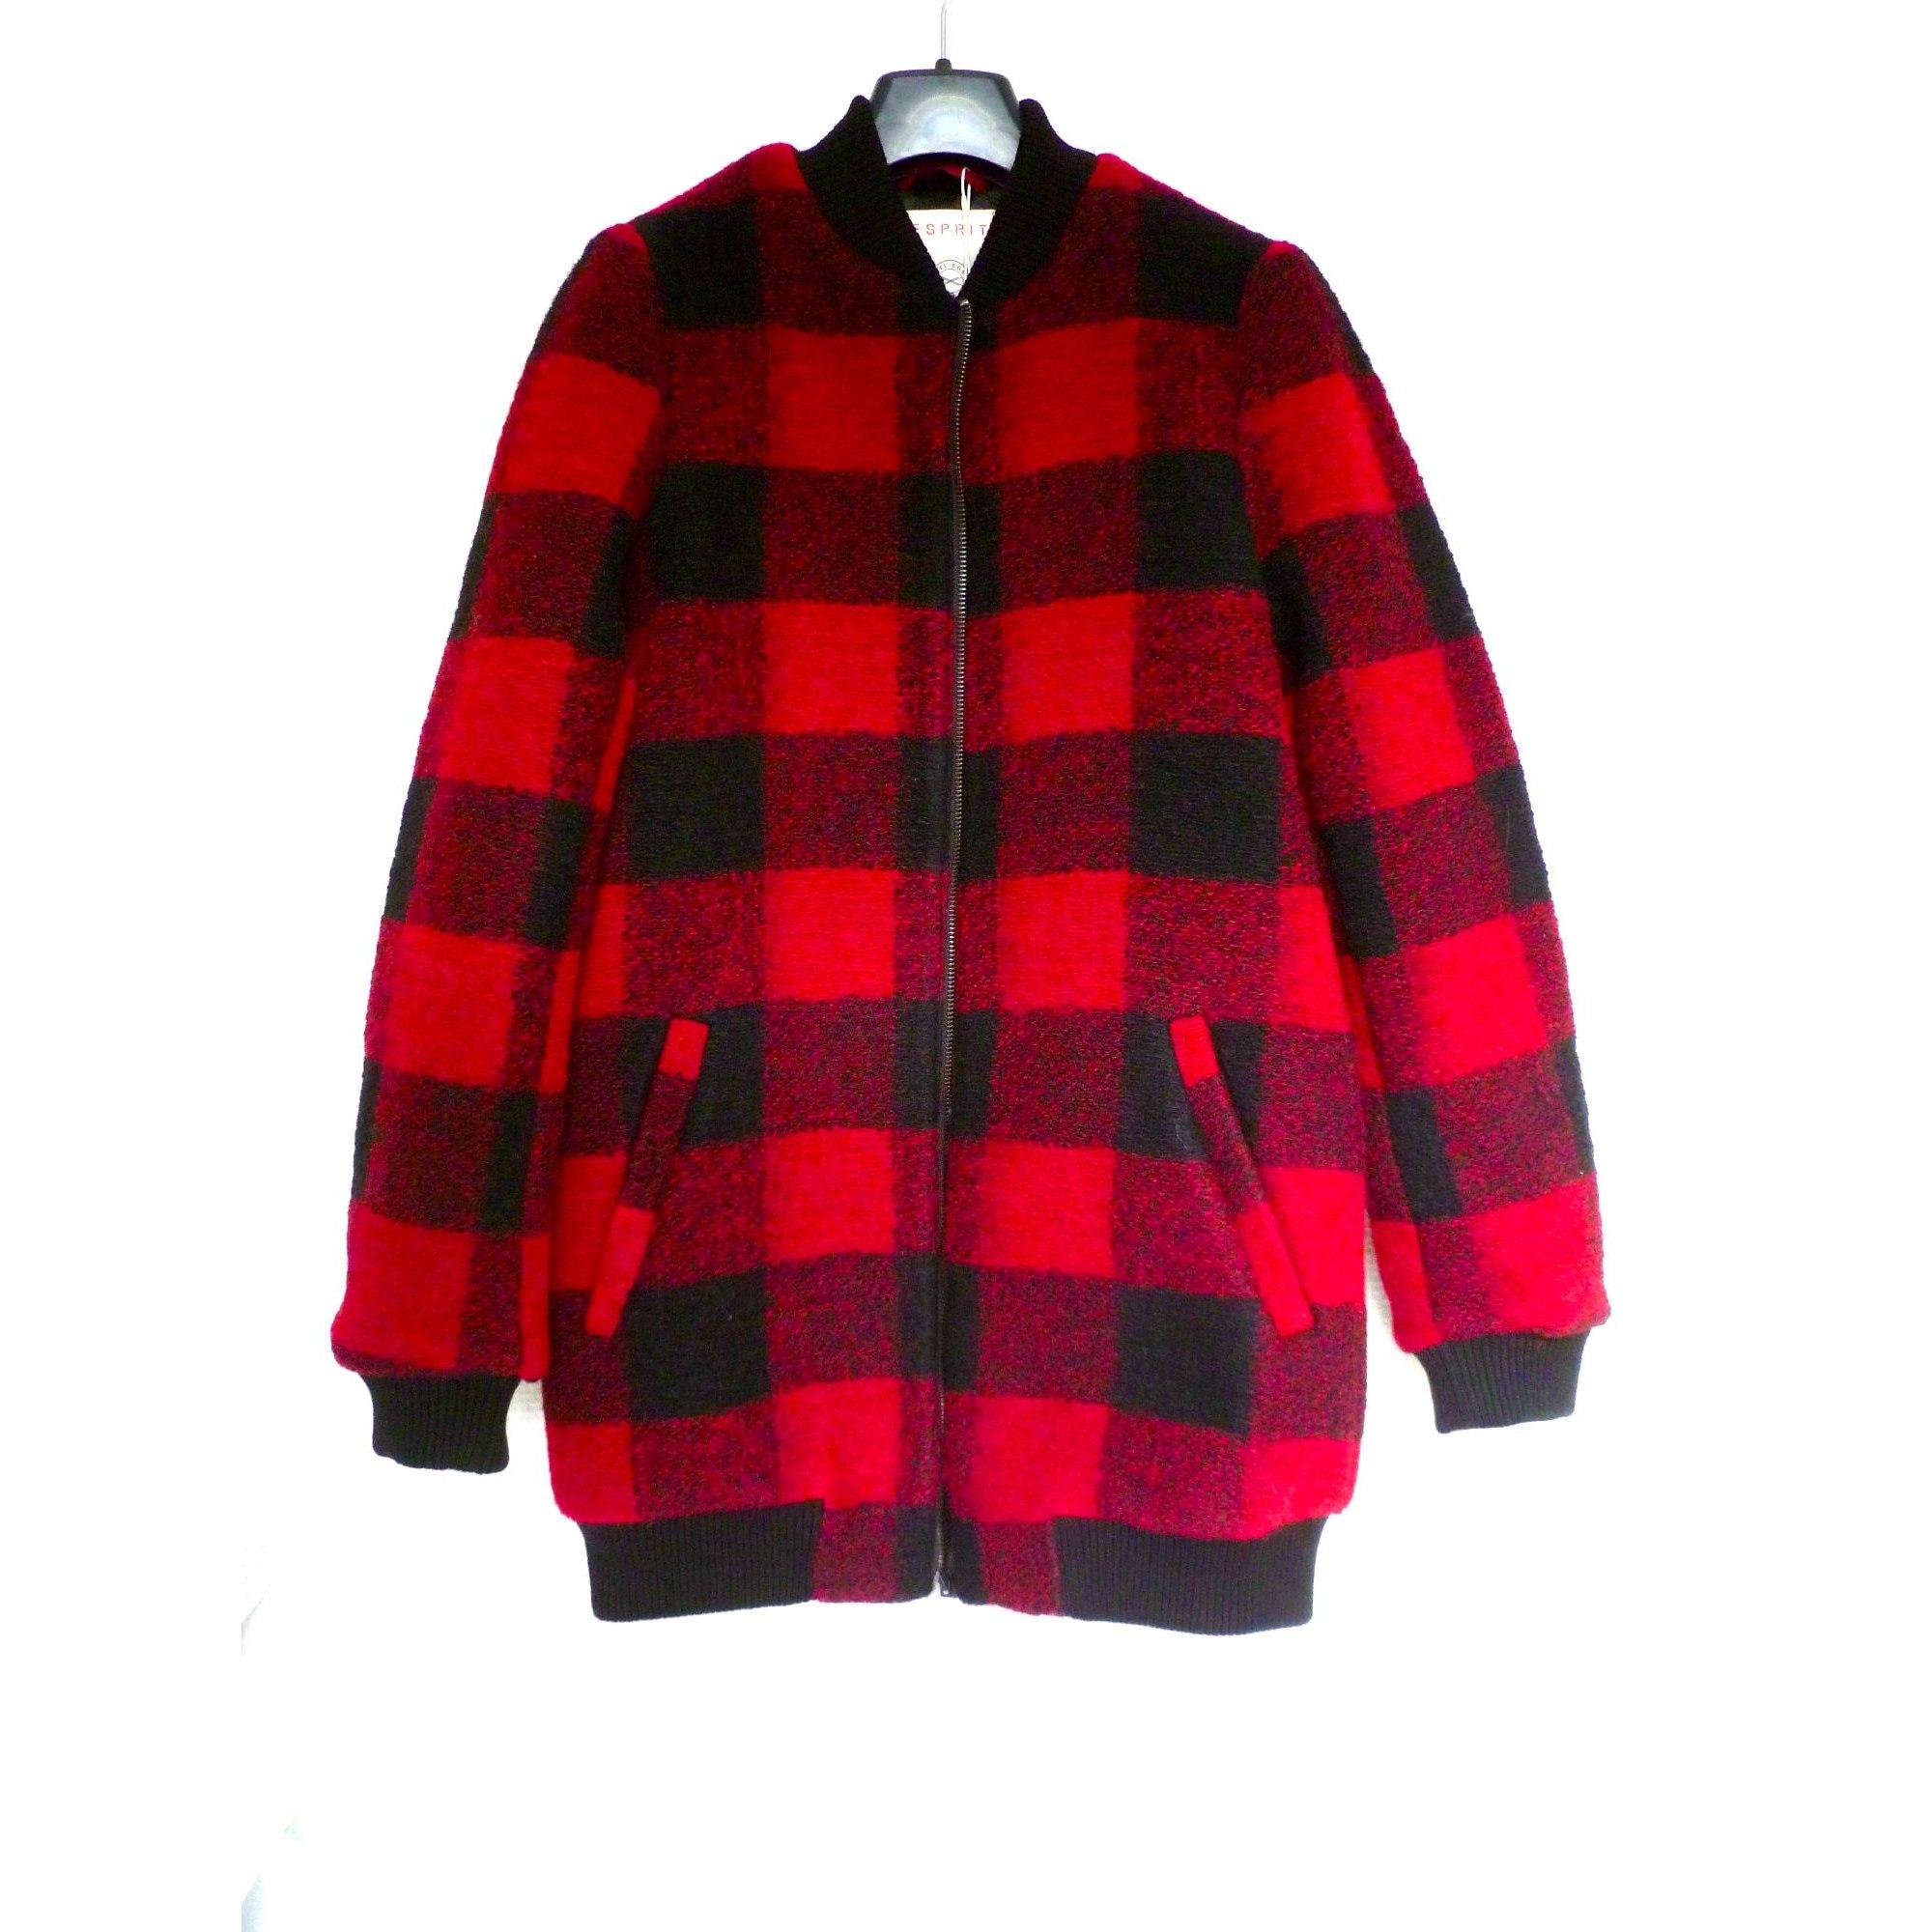 Manteau ESPRIT 36 (S, T1) rouge - 8206494 bca18b427bb0